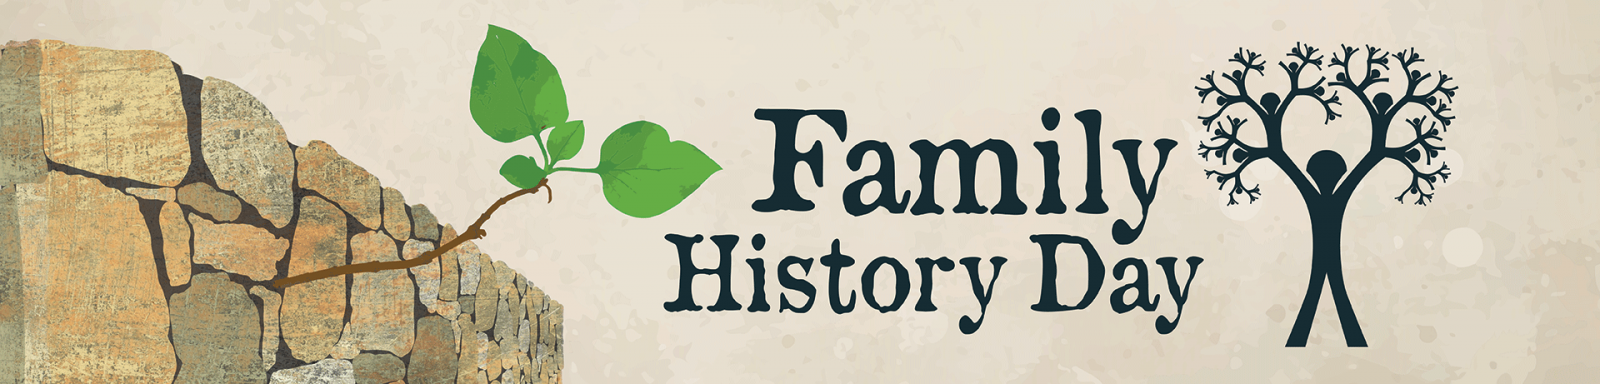 Family History Day 2019